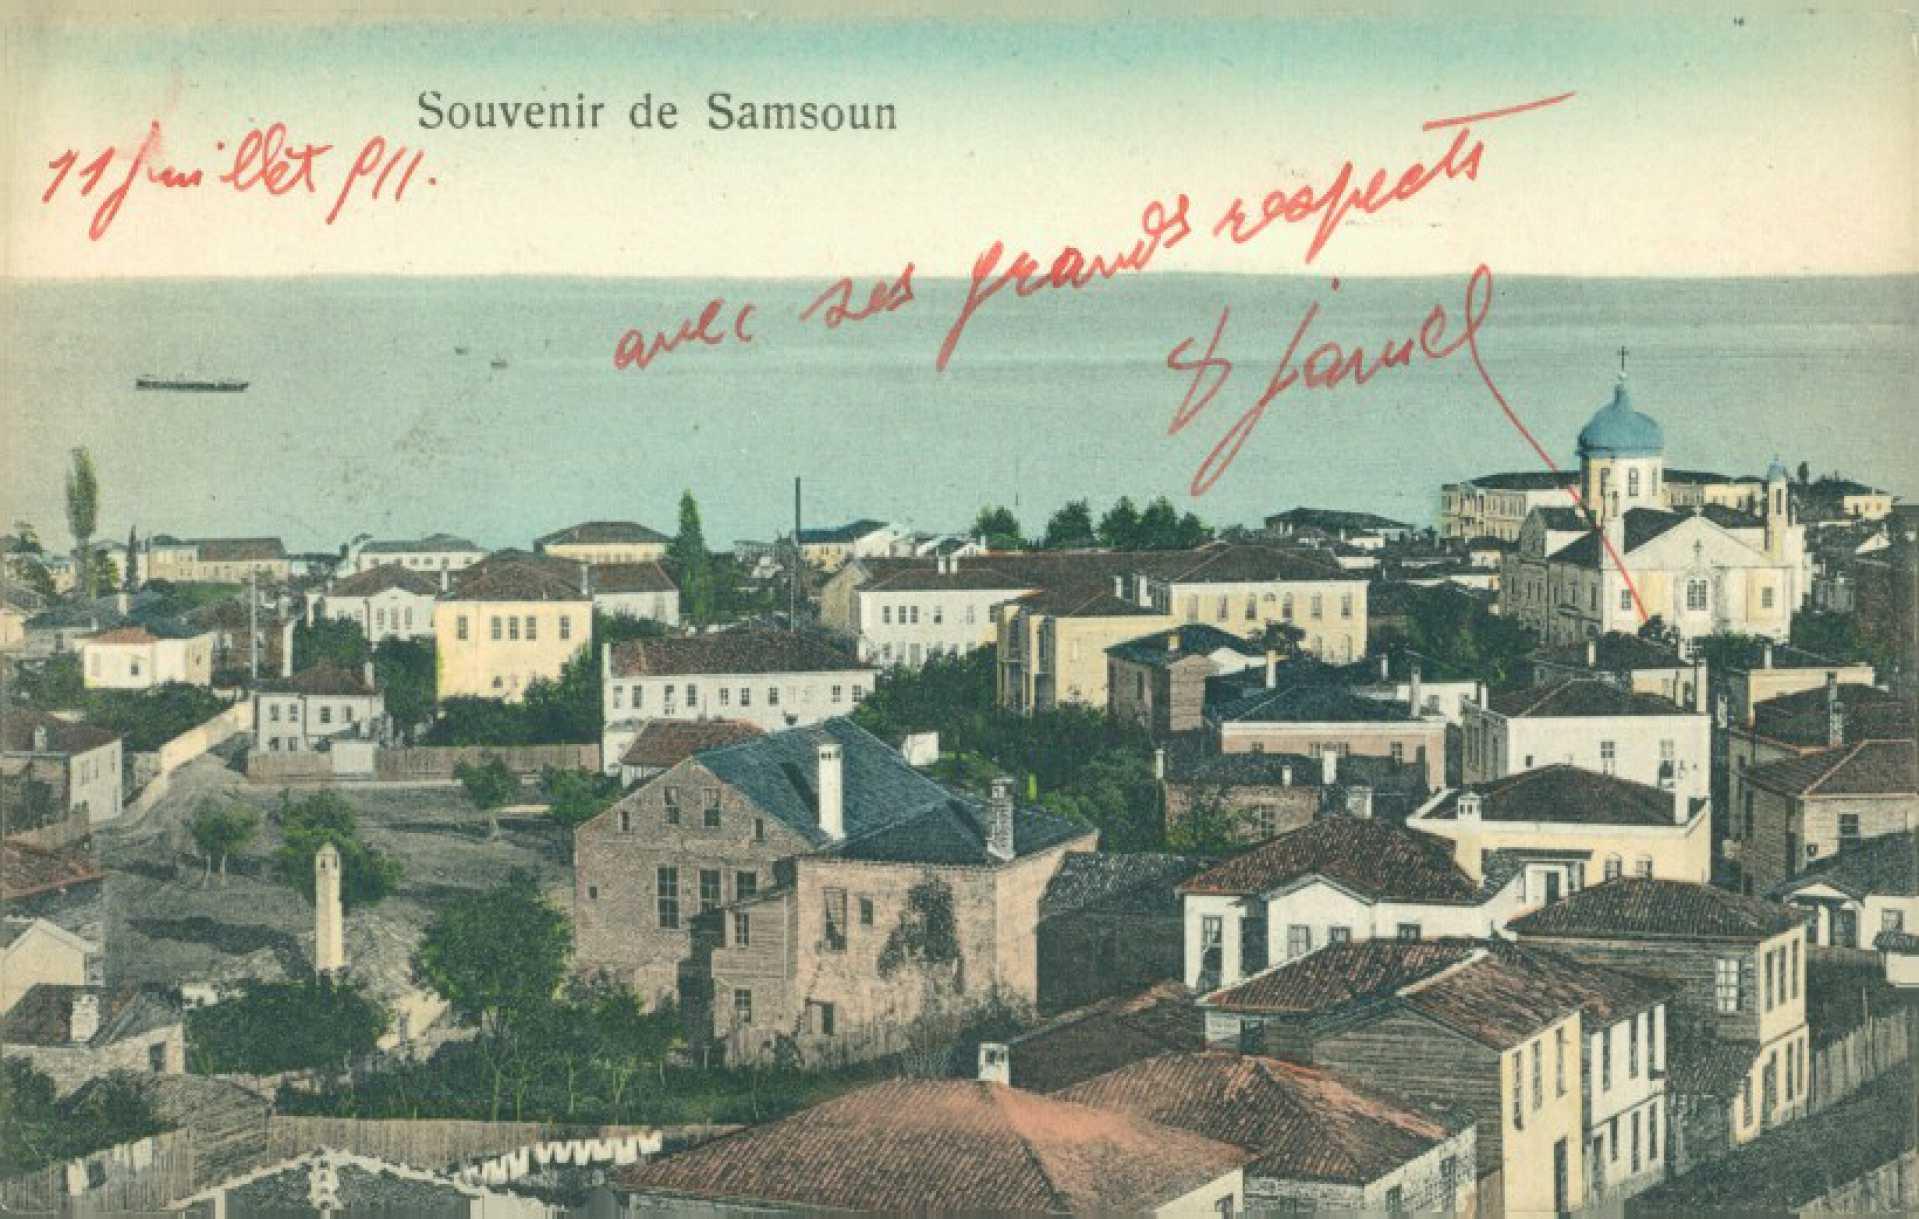 Souvenir de Samsoun